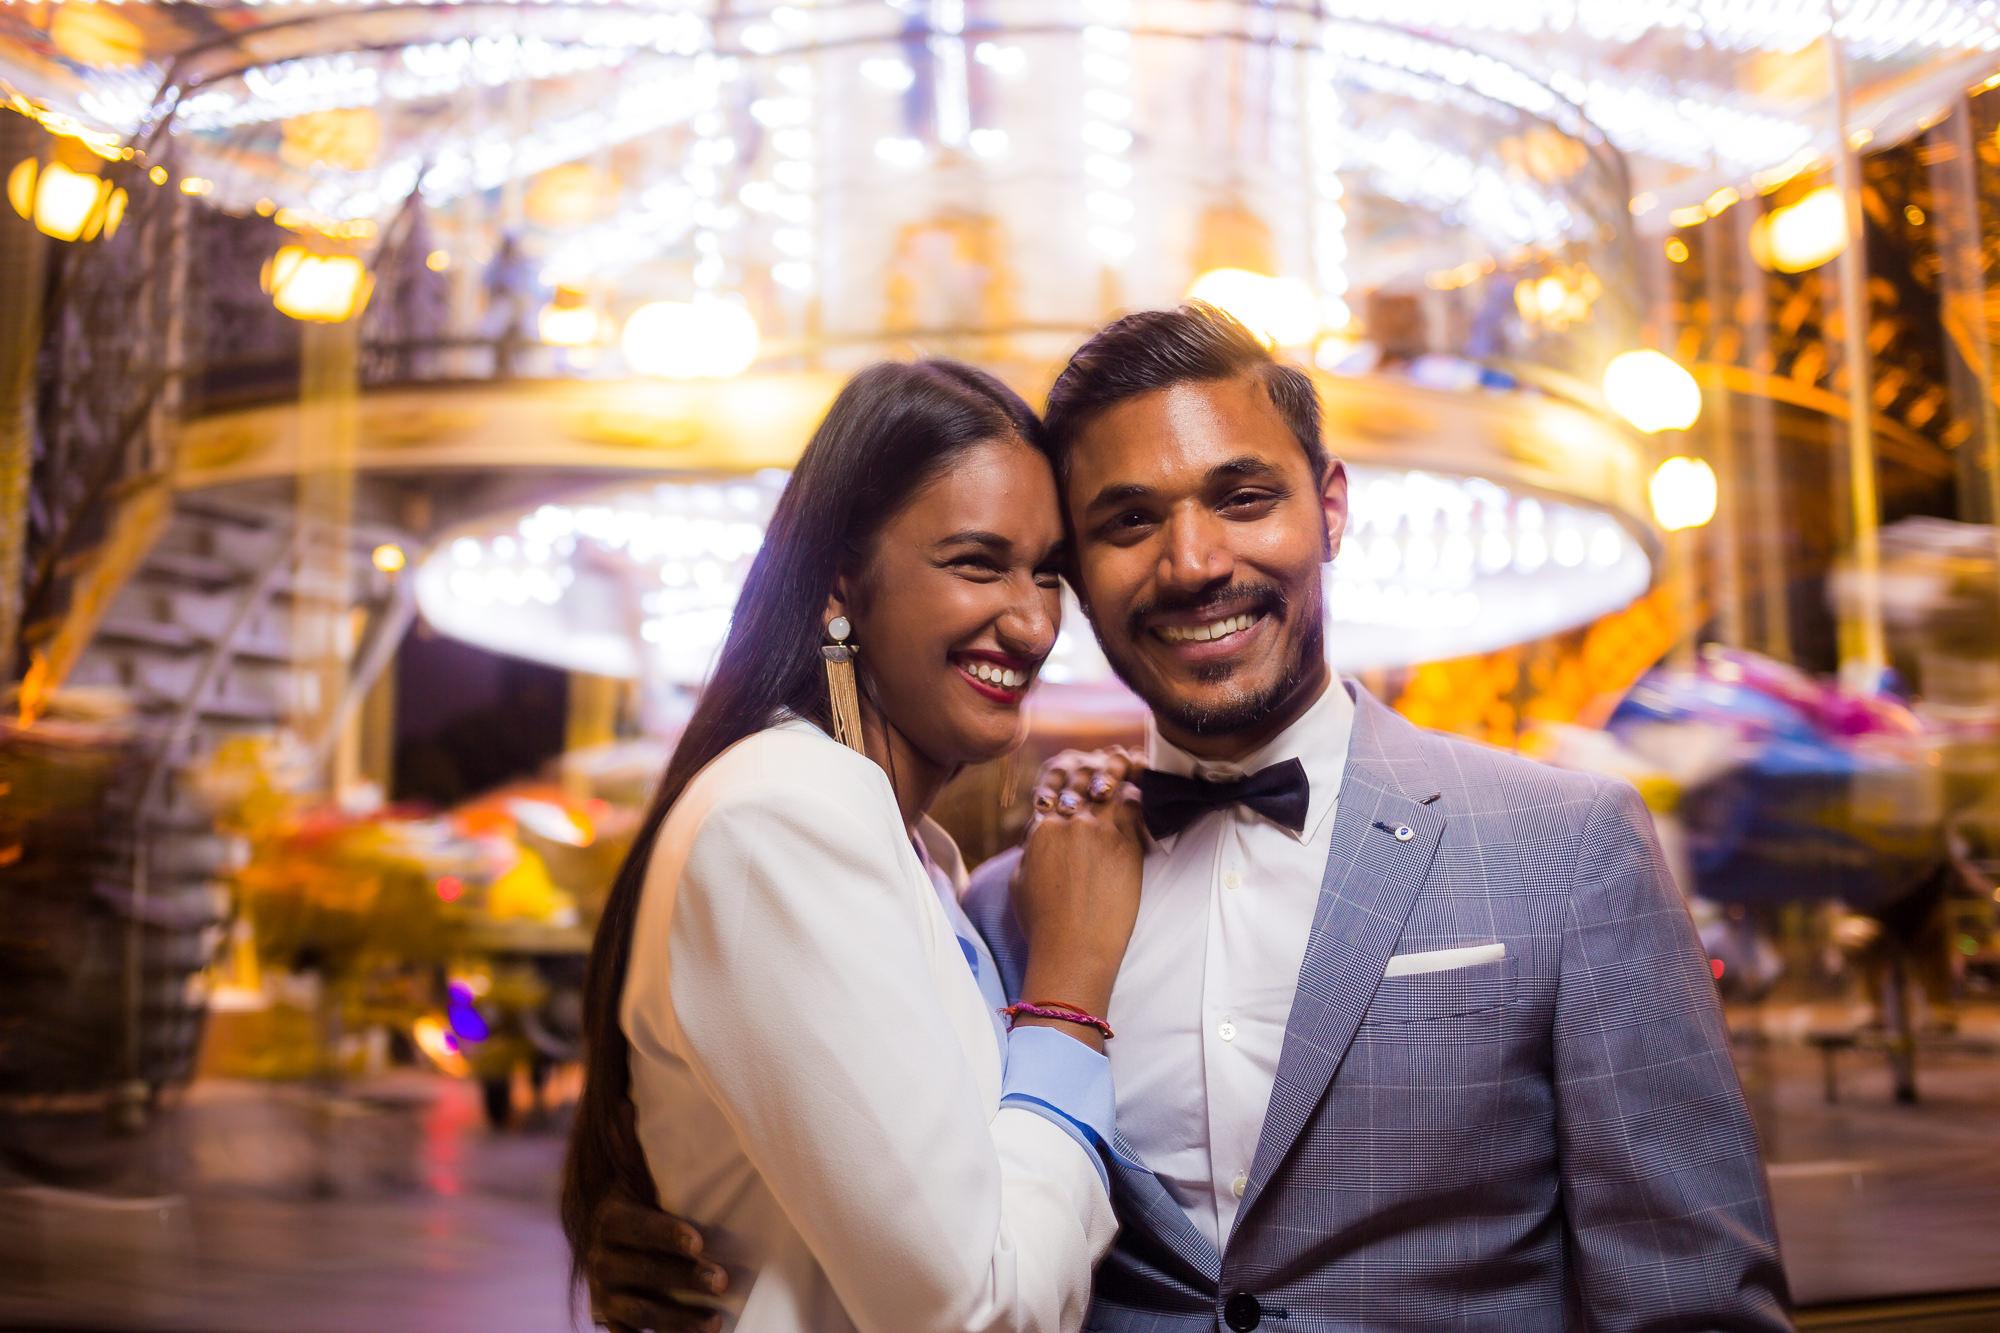 Séance engagement PARIS Couple asiatique Carousel tour eiffel